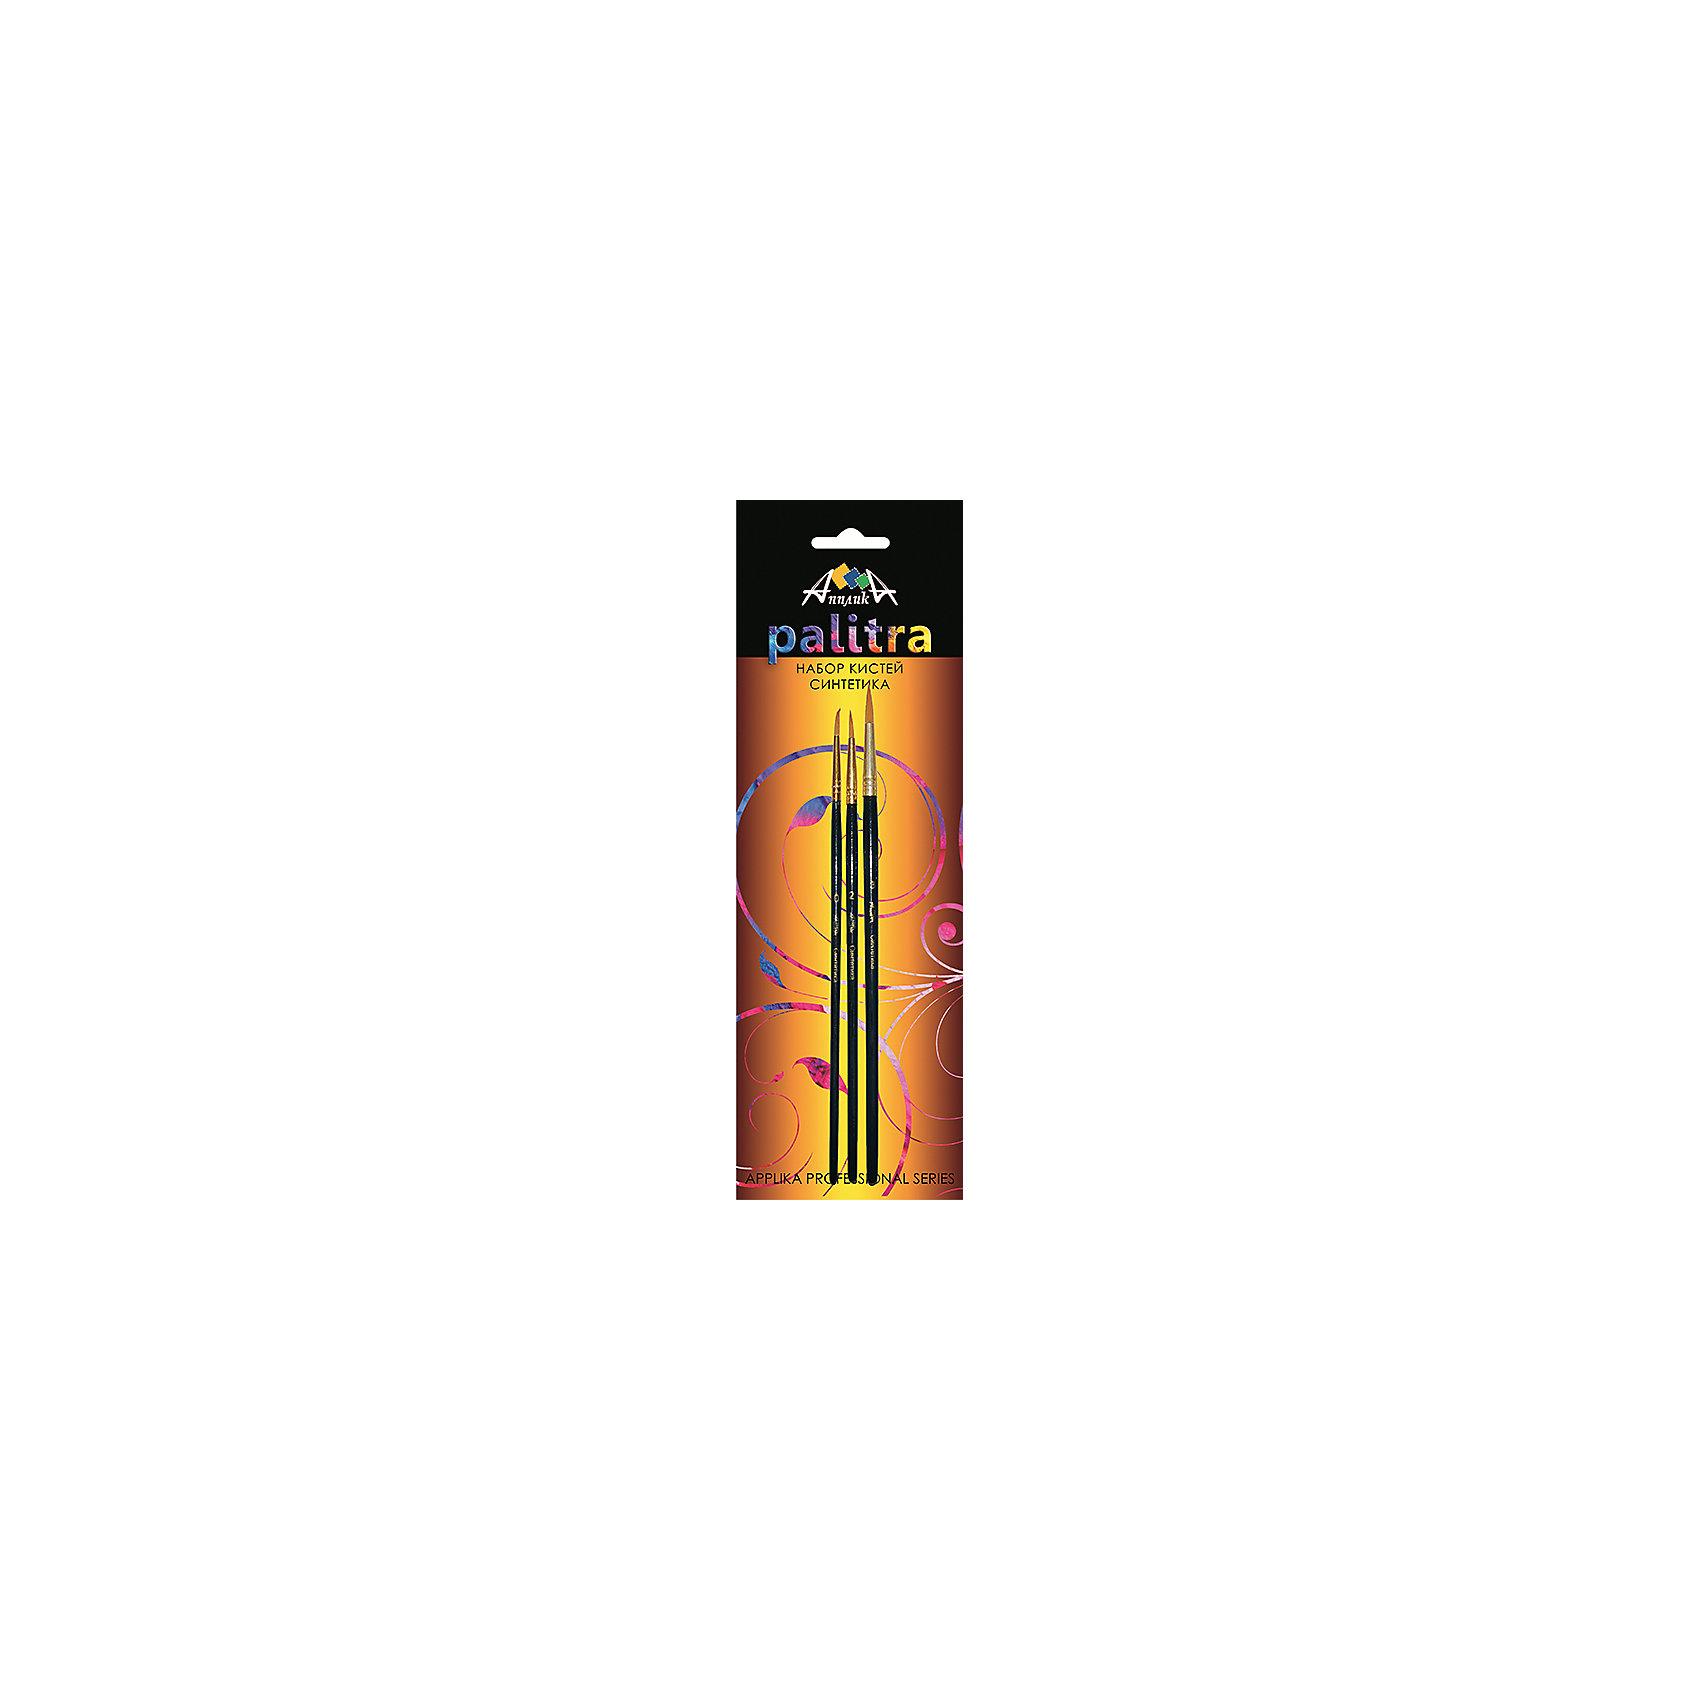 Набор Кистей Палитра   Синтетика 3 шт., круглые №0, 2, 3.Краски и кисточки<br>Характеристики товара:<br><br>• возраст: от 3 лет;<br>• упаковка: блистер;<br>• количество в упаковки: 3 шт.;<br>• материал кисти: синтетика;<br>• вес: 20 гр.;<br>• страна бренда: Россия;<br>• страна изготовитель: Россия.<br><br>Набор Кистей «Палитра», синтетика, 3 шт., круглые №0, 2, 3 - состоит из круглей кистей  №0, 2, 3, которые идеально подойдут для художественных и декоративно-оформительских работ любыми видами красок. <br><br>Щетина изготовлена из волоса синтетического волоса. Щетинки конусообразной формы имитируют натуральный волос средней жесткости. Такие кисти подходят для создания четких линий, заливки фона, а также декоративных работ - лессировок, покрытия лаком, использования паст и других работ. <br><br>Деревянная ручка позволяет надежно зафиксировать кисть в руке, предотвращая ее выпадание и скольжение. <br><br>Набор Кистей «Палитра», синтетика, 3 шт., круглые №0, 2, 3, можно купить в нашем интернет-магазине.<br><br>Ширина мм: 274<br>Глубина мм: 84<br>Высота мм: 6<br>Вес г: 21<br>Возраст от месяцев: 36<br>Возраст до месяцев: 1188<br>Пол: Унисекс<br>Возраст: Детский<br>SKU: 6992562